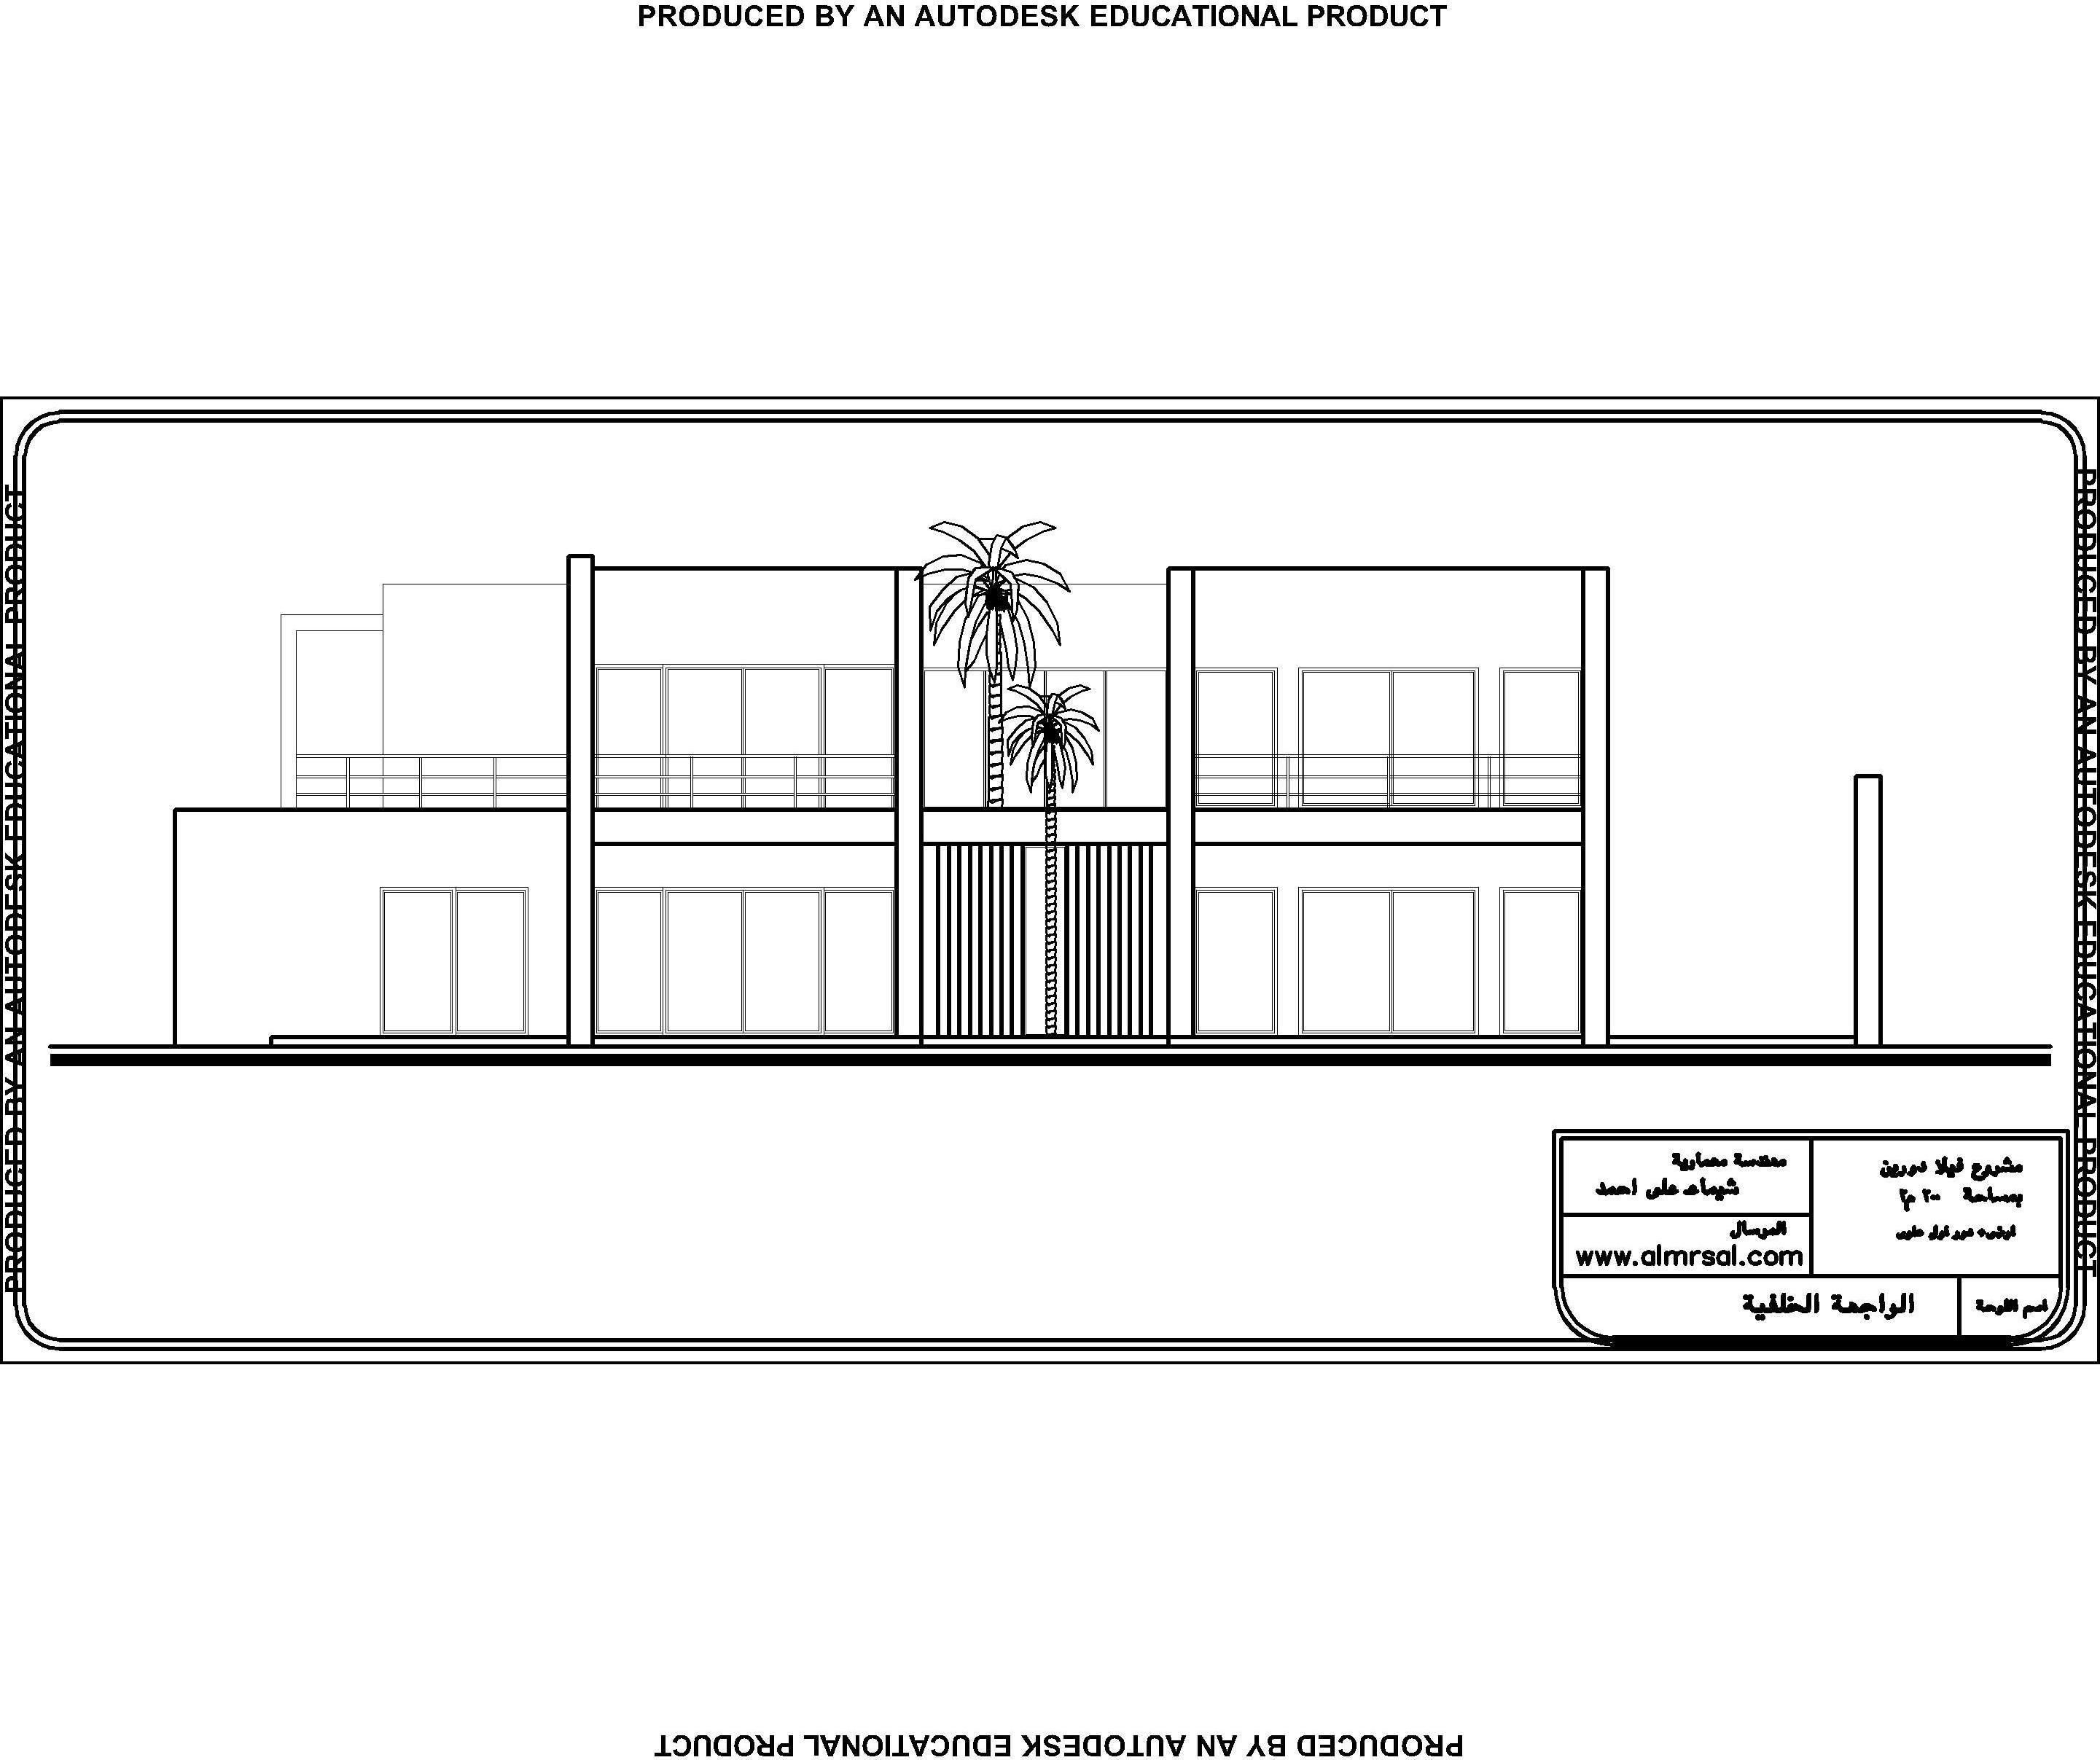 تصميم فيلا سكنية مساحة 200 متر مربع المرسال